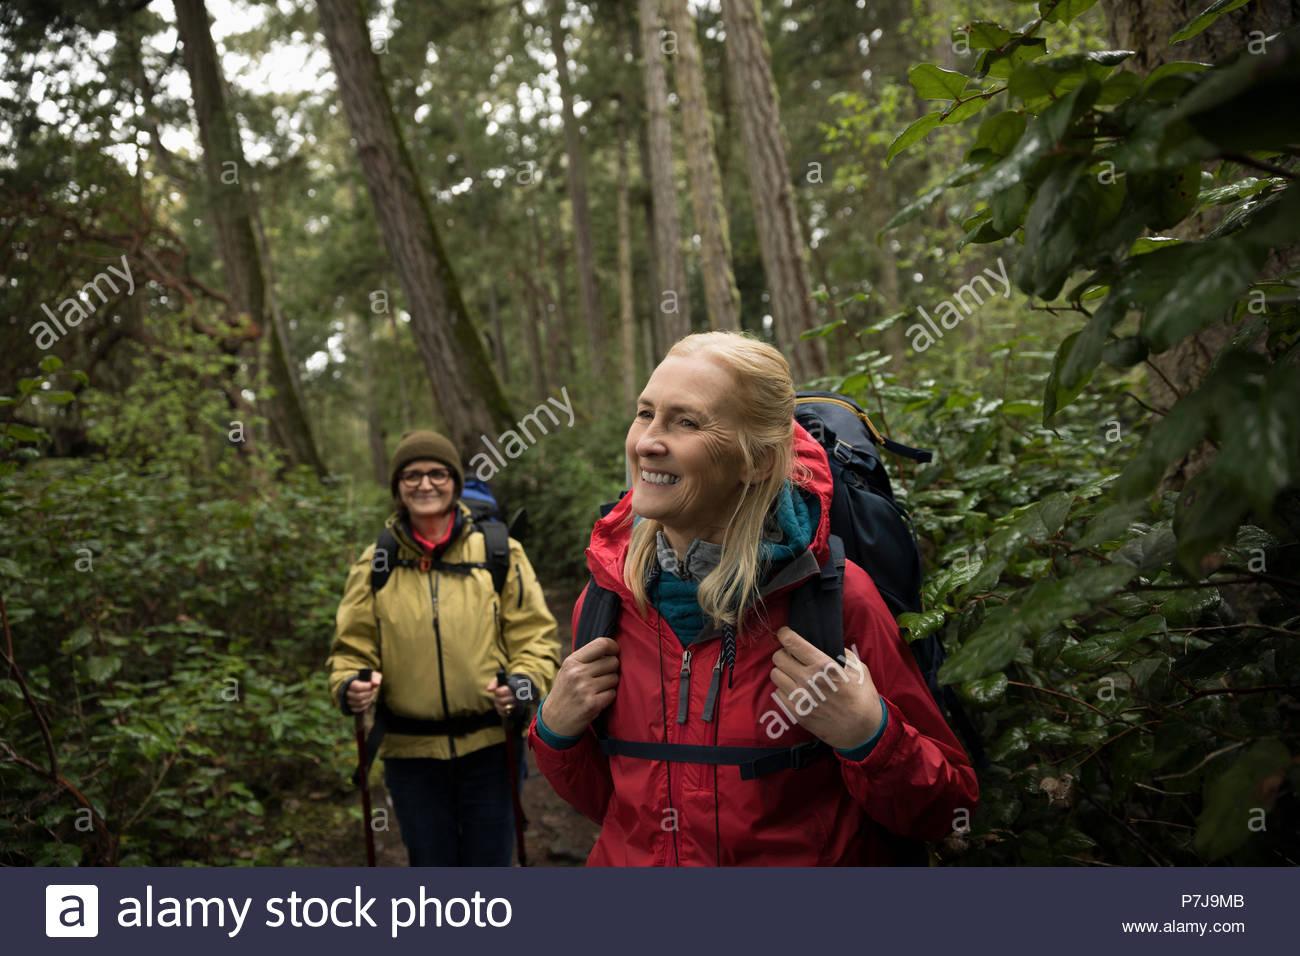 Sonriente, despreocupado senior activo mujeres excursionistas caminatas en el bosque Imagen De Stock